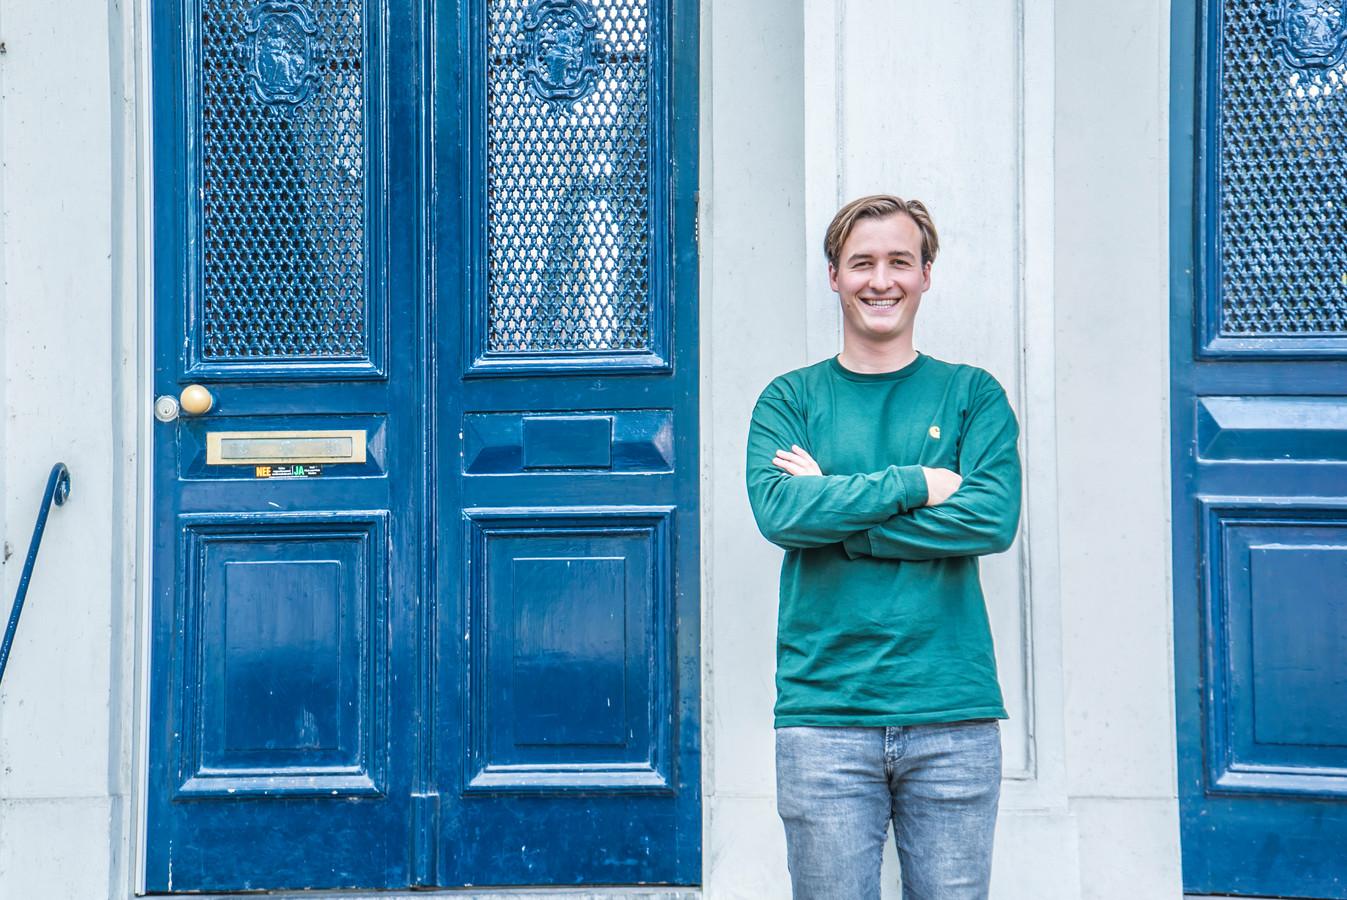 """Volgens Thijs de Jongh worden alle negatieve verhalen over studenten overdreven uitgelicht. ,,We doen ook goede dingen."""""""